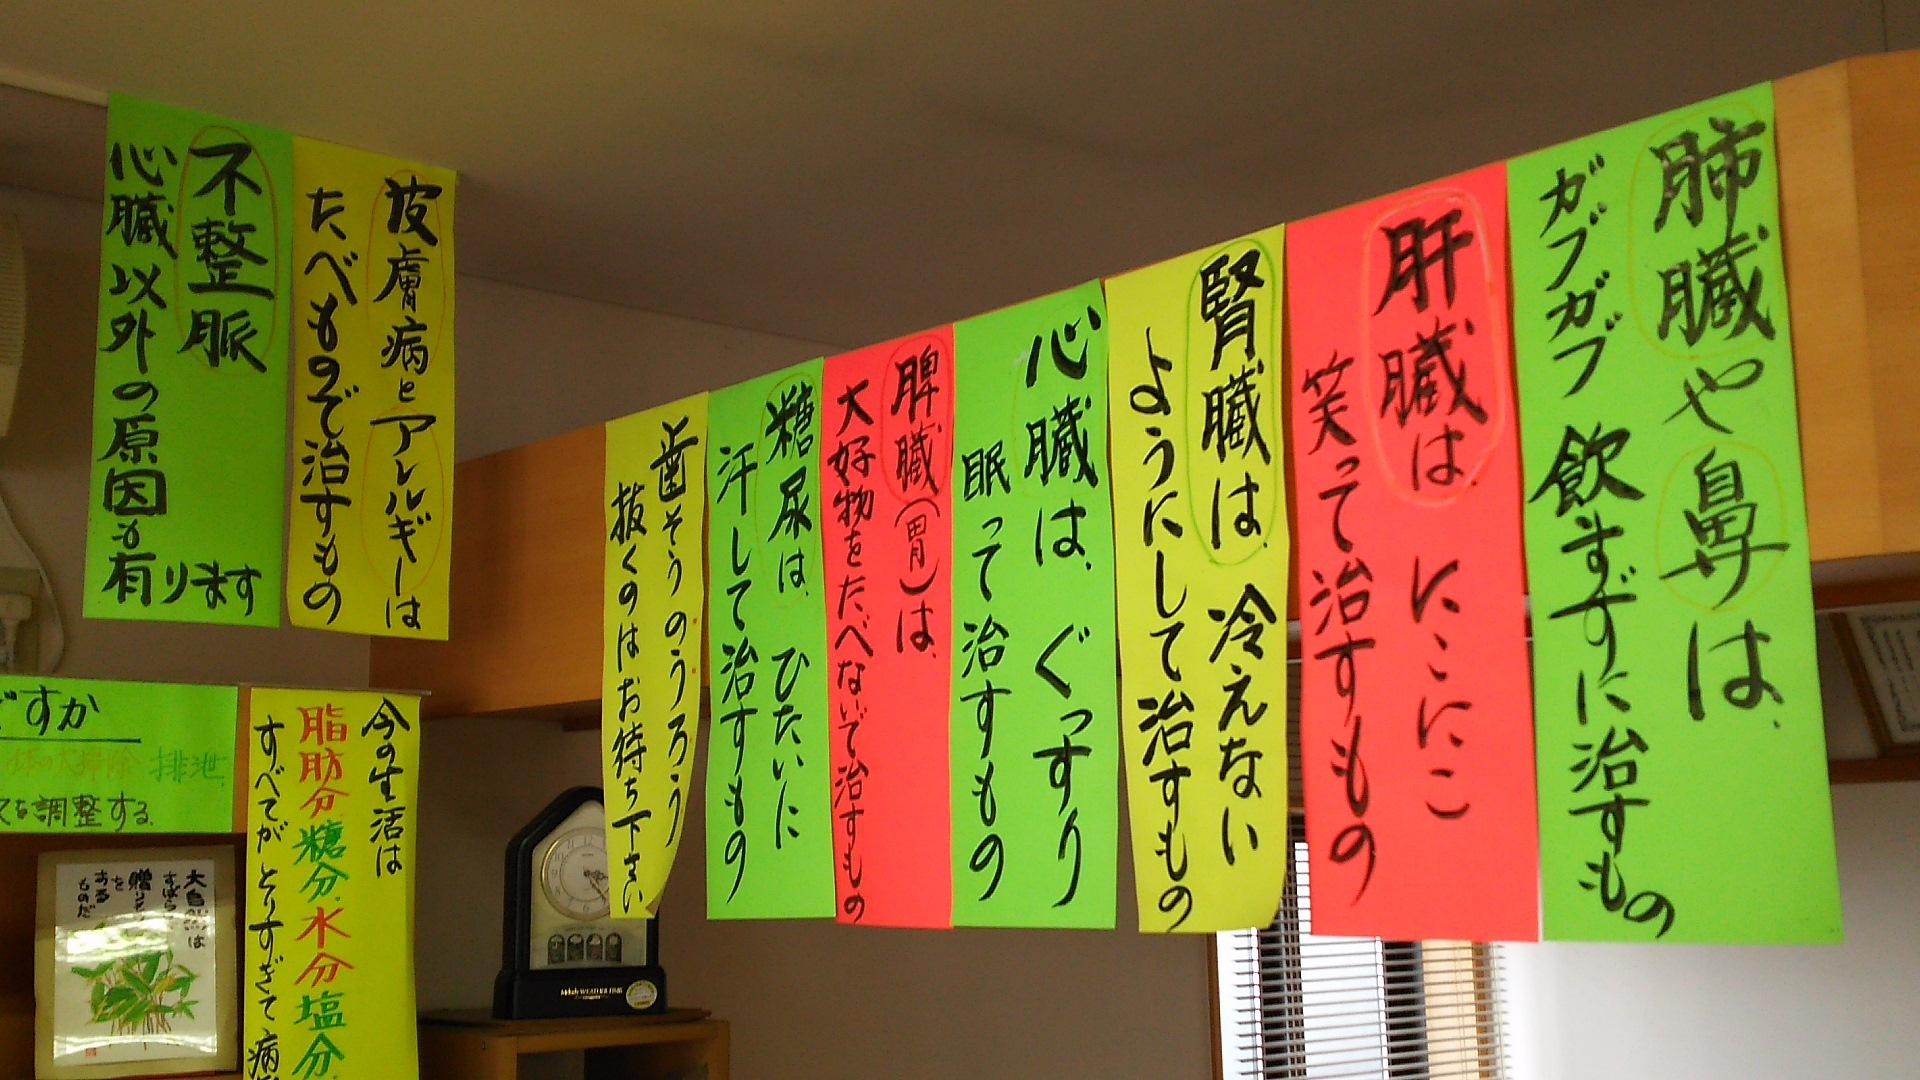 佳代子さん直筆のメッセージの並ぶ店内